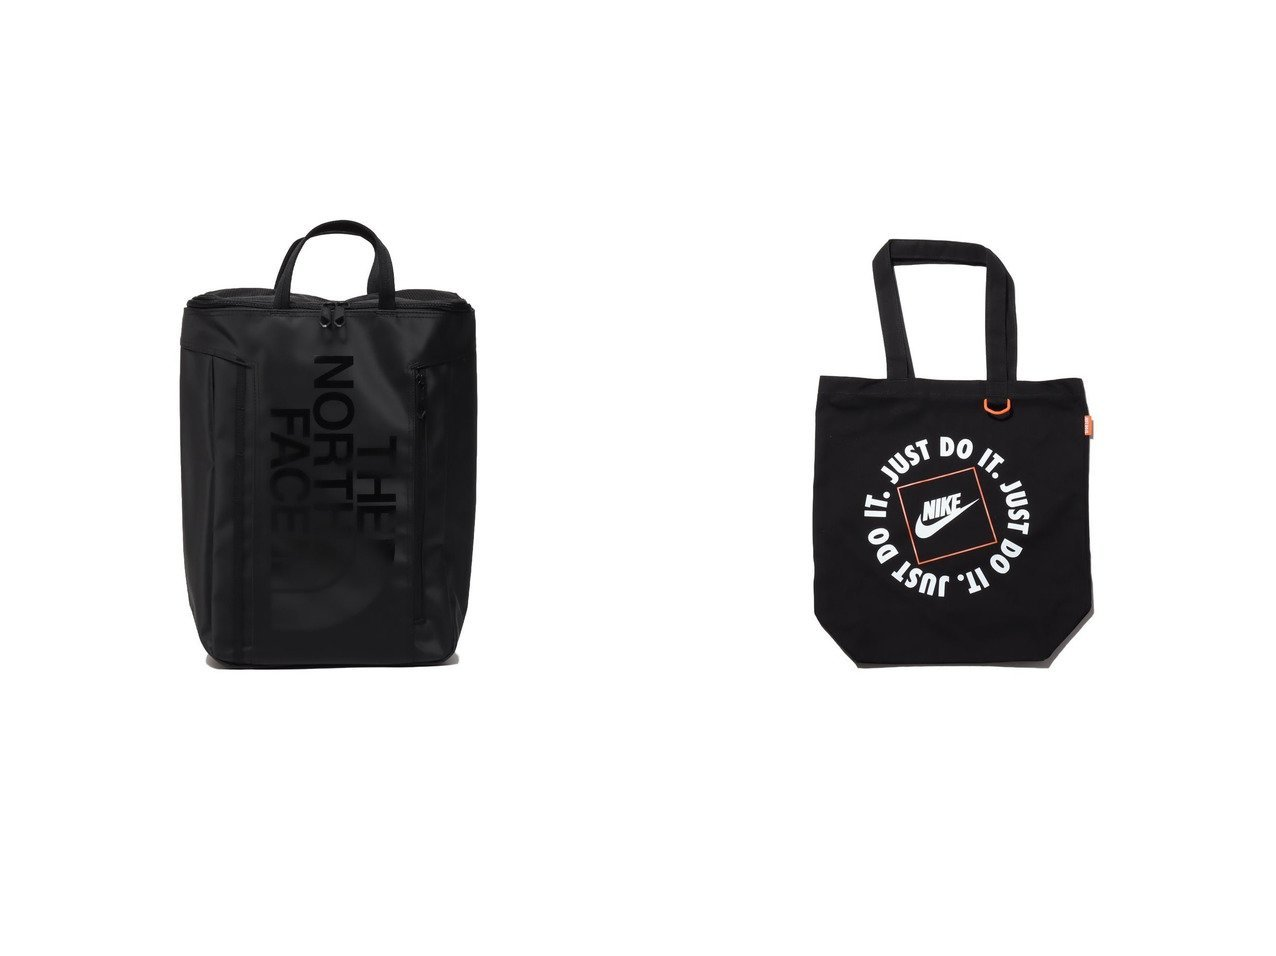 【THE NORTH FACE/ザ ノース フェイス】のBC FUSE BOX TOTE&【NIKE/ナイキ】のNK HERITAGE TOTE - GFX JDI バッグ・鞄のおすすめ!人気、トレンド・レディースファッションの通販 おすすめで人気の流行・トレンド、ファッションの通販商品 メンズファッション・キッズファッション・インテリア・家具・レディースファッション・服の通販 founy(ファニー) https://founy.com/ ファッション Fashion レディースファッション WOMEN バッグ Bag 2020年 2020 2020 春夏 S/S SS Spring/Summer 2020 S/S 春夏 SS Spring/Summer キャンバス グラフィック 春 Spring ショルダー スリーブ 財布 定番 Standard 人気 フラップ フロント ボックス ポケット ループ  ID:crp329100000014487